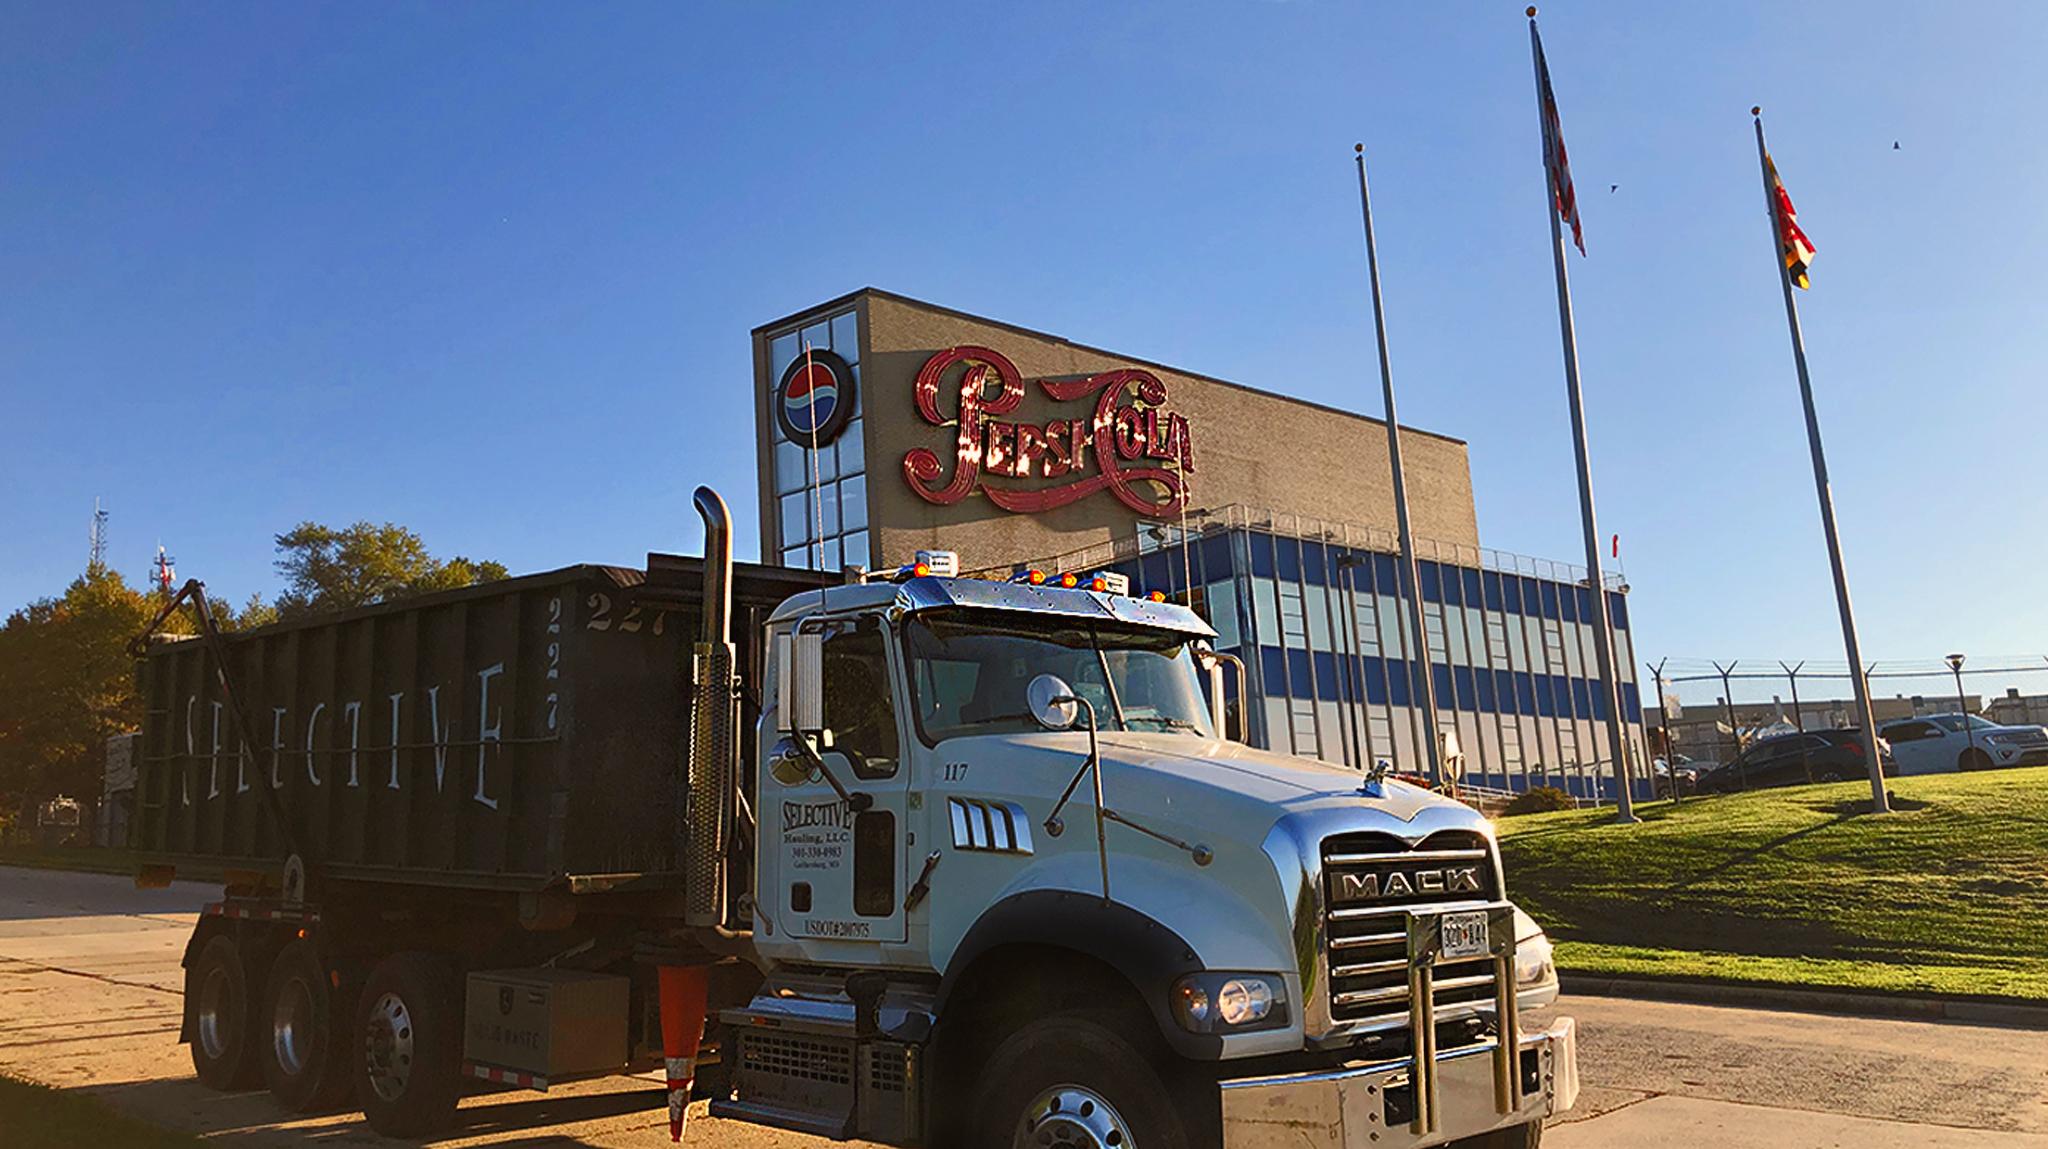 Roll off dumpster rental leesburg va - Dumpster Rental Leesburg Virginia